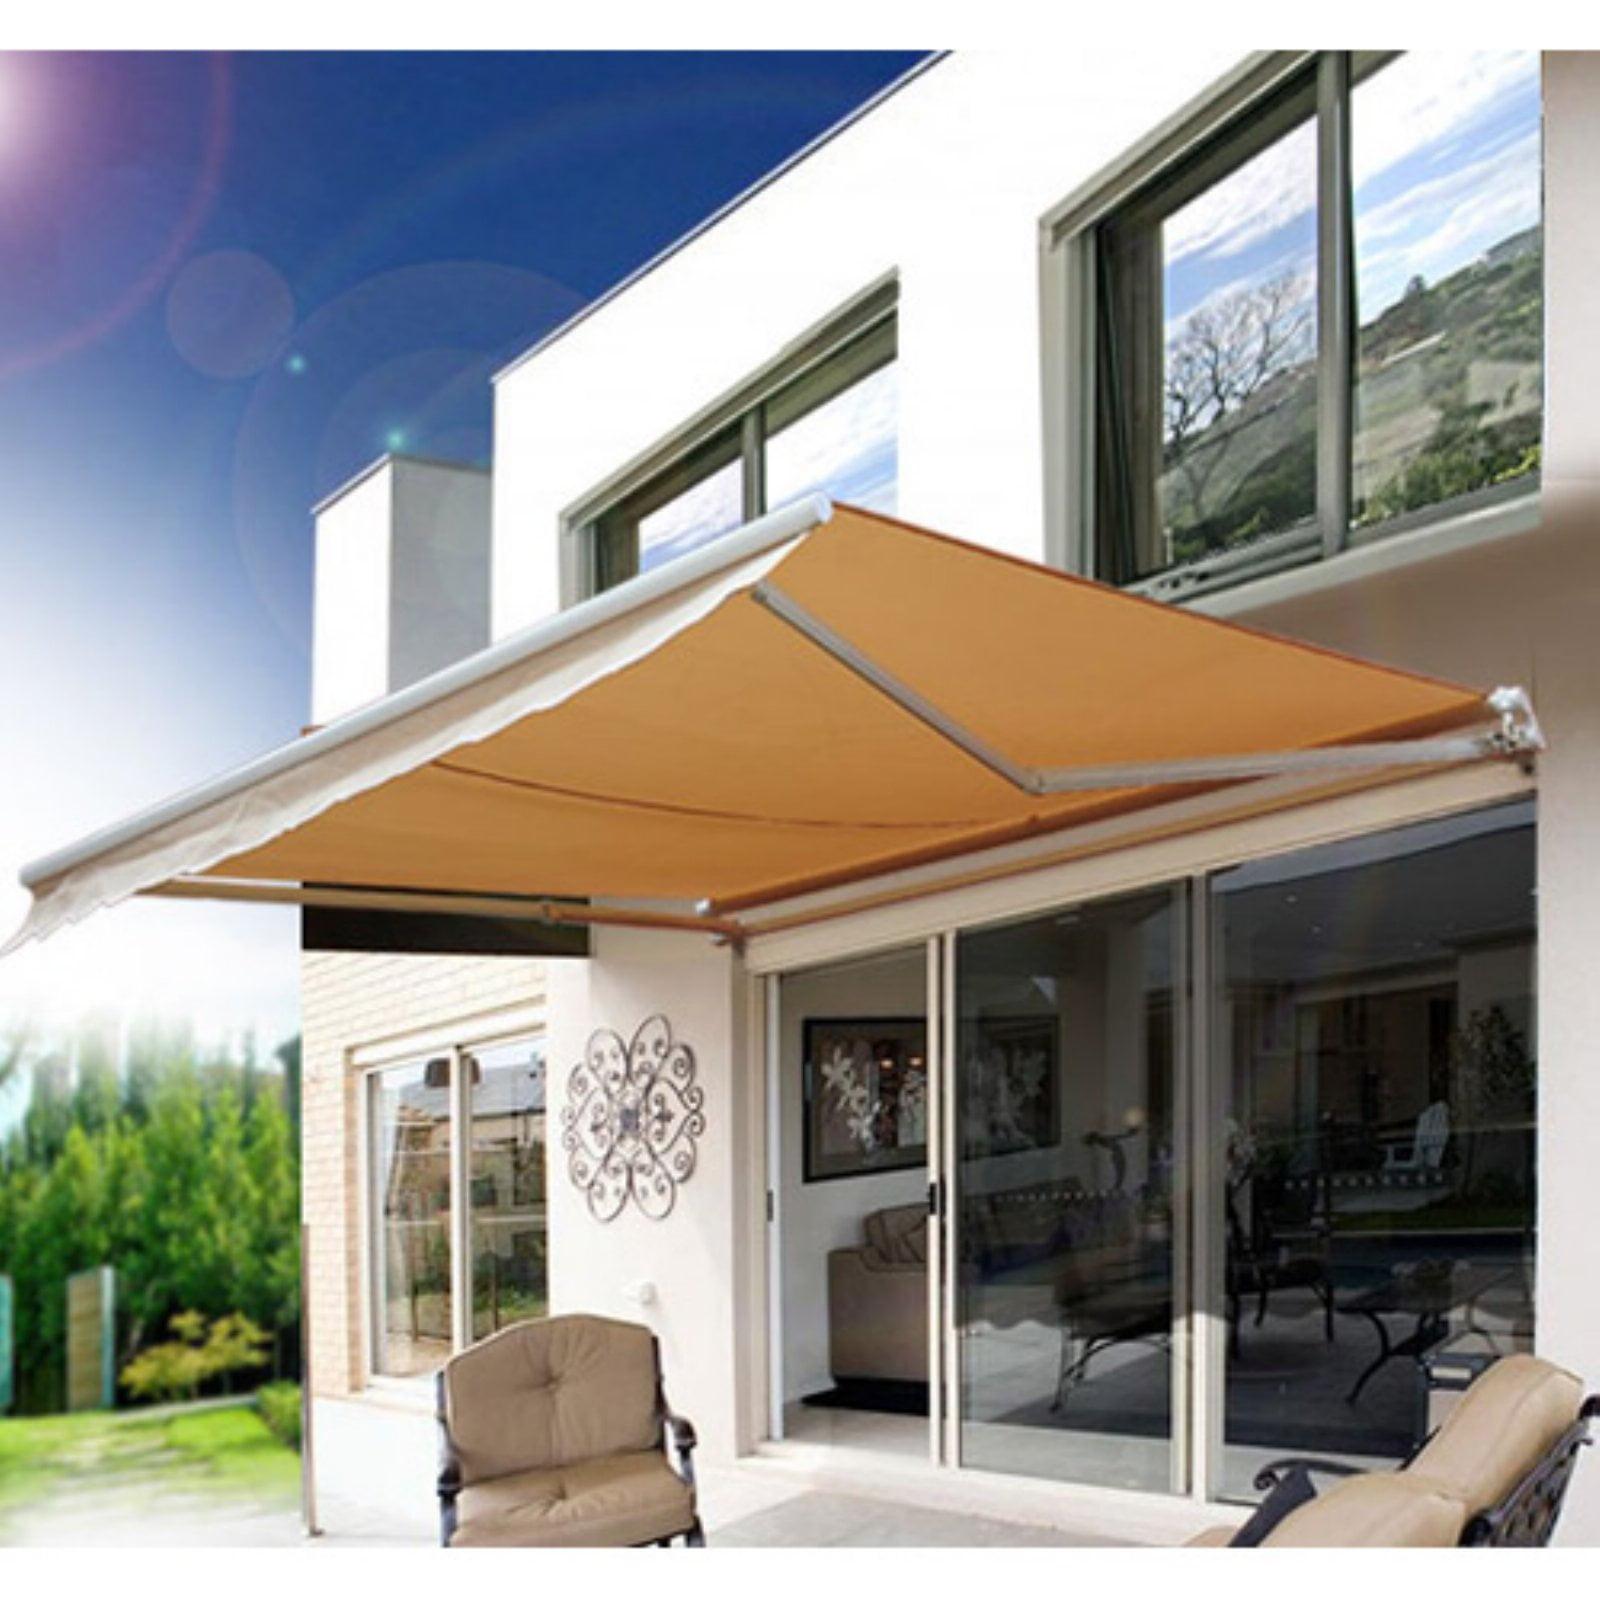 Outsunny 8 X 7 Ft  Manual Retractable Sun Shade Patio